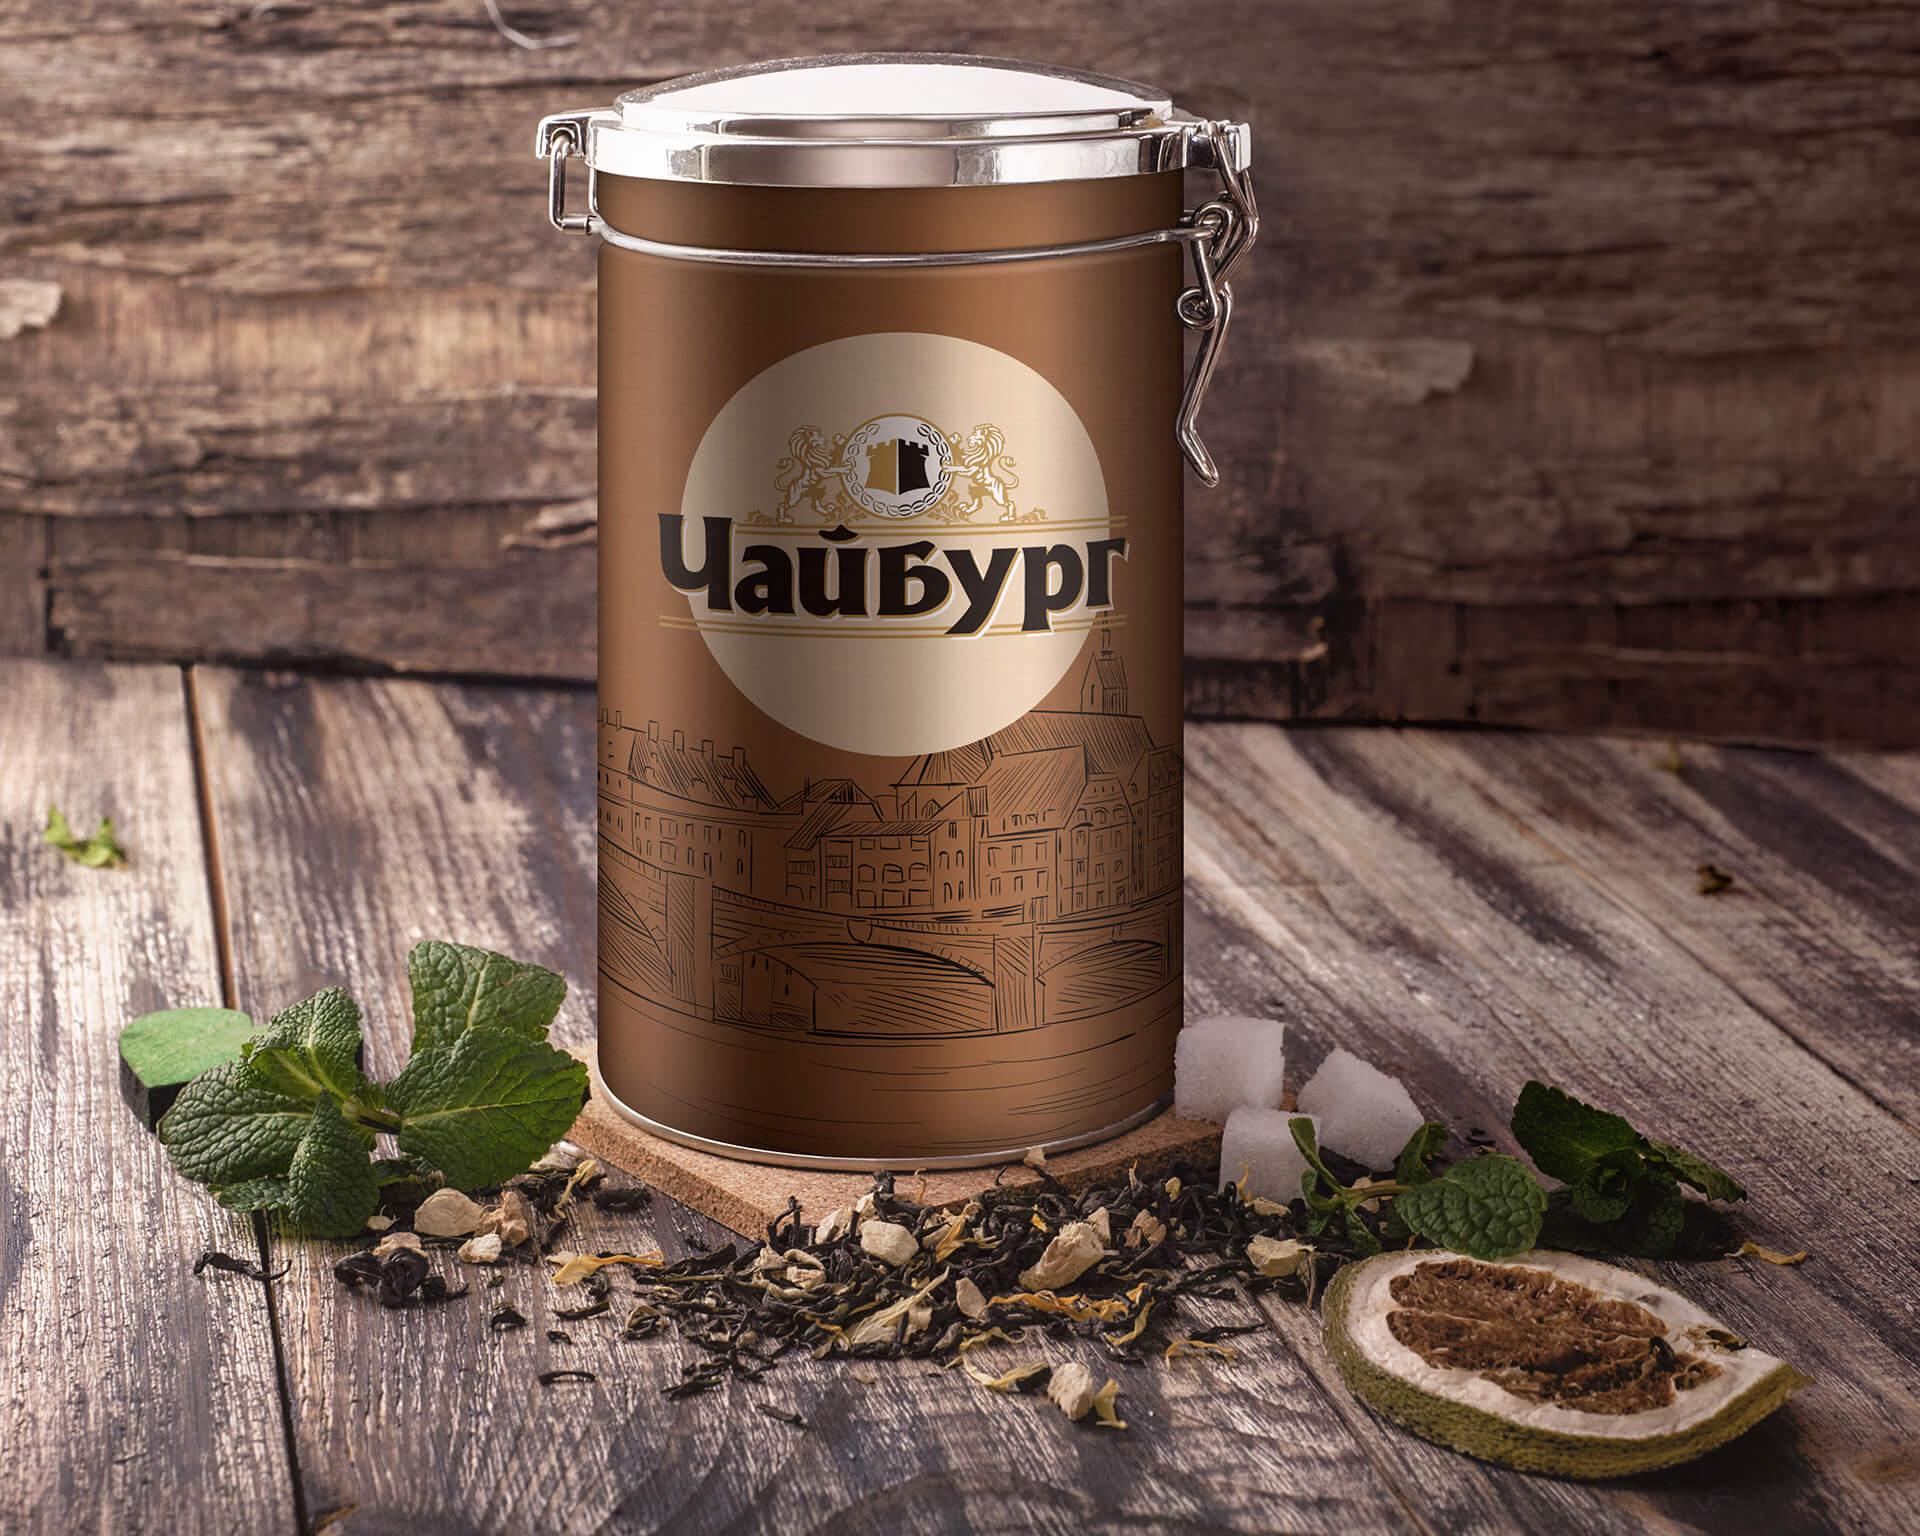 Дизайн упаковки чая, пример дизайна этикетки и пакетиков чая